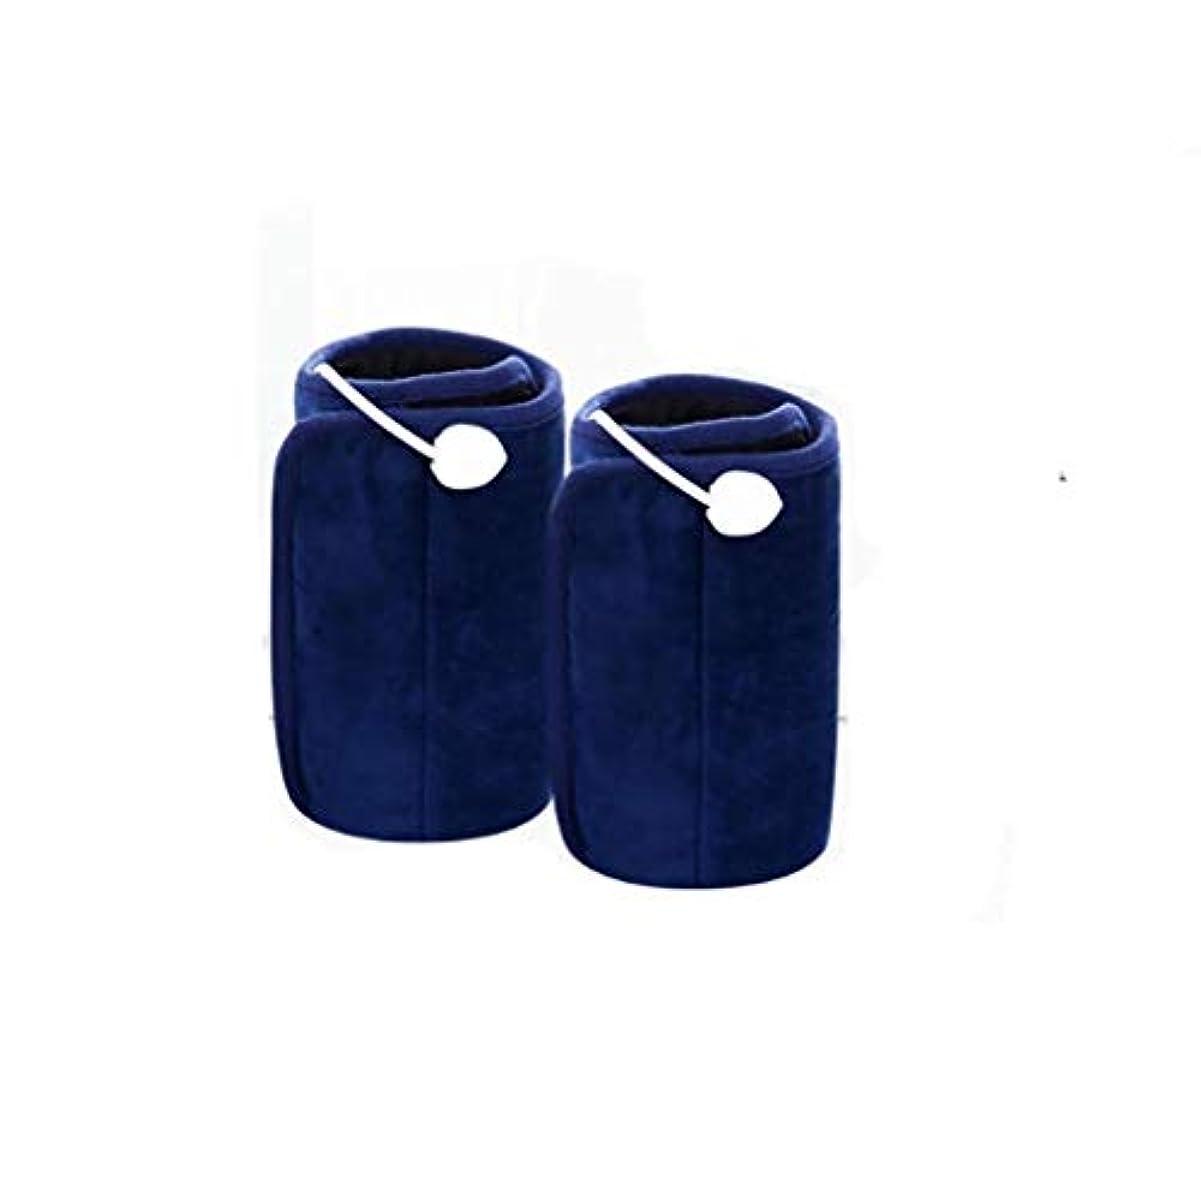 解体するキャロライン生じる電気膝パッド、温かい古い膝、携帯式膝加熱、360°oxi温かい家庭用スマート温度調整